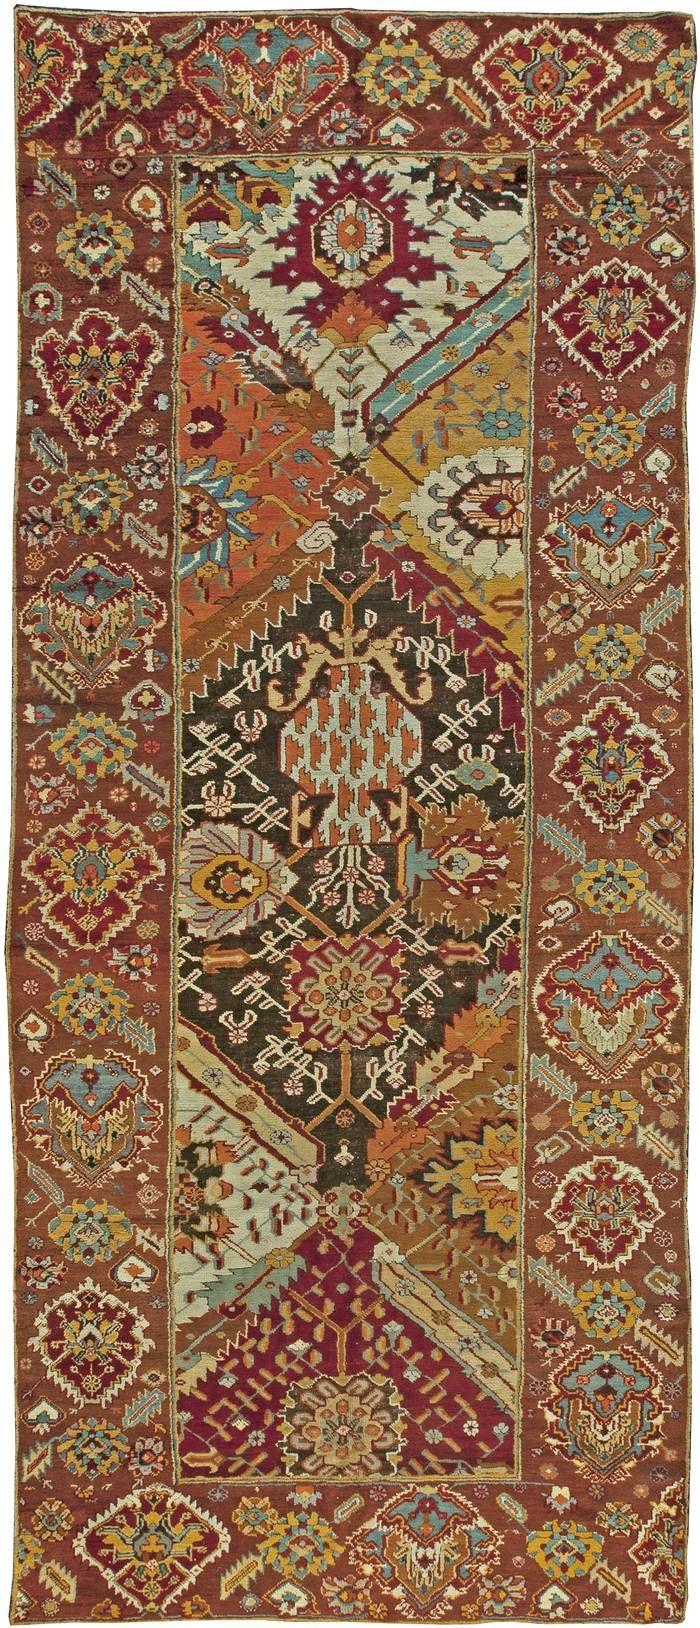 Turkish Oushak rug, 19'9'' × 8'1'', ca 1920